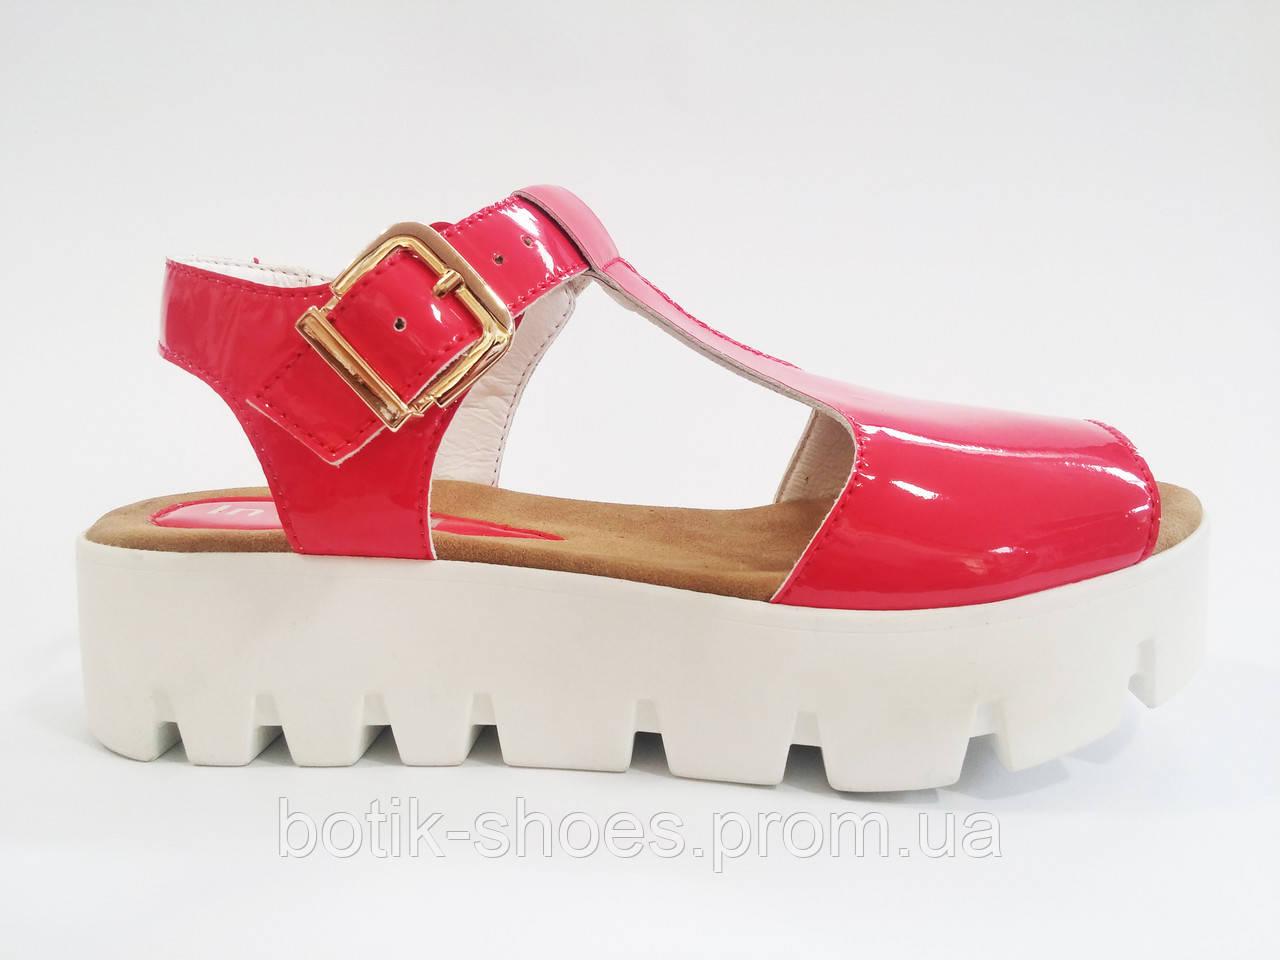 708123bfc Женские удобные лаковые сандалии на платформе трактор In-Trend -  интернет-магазин обуви